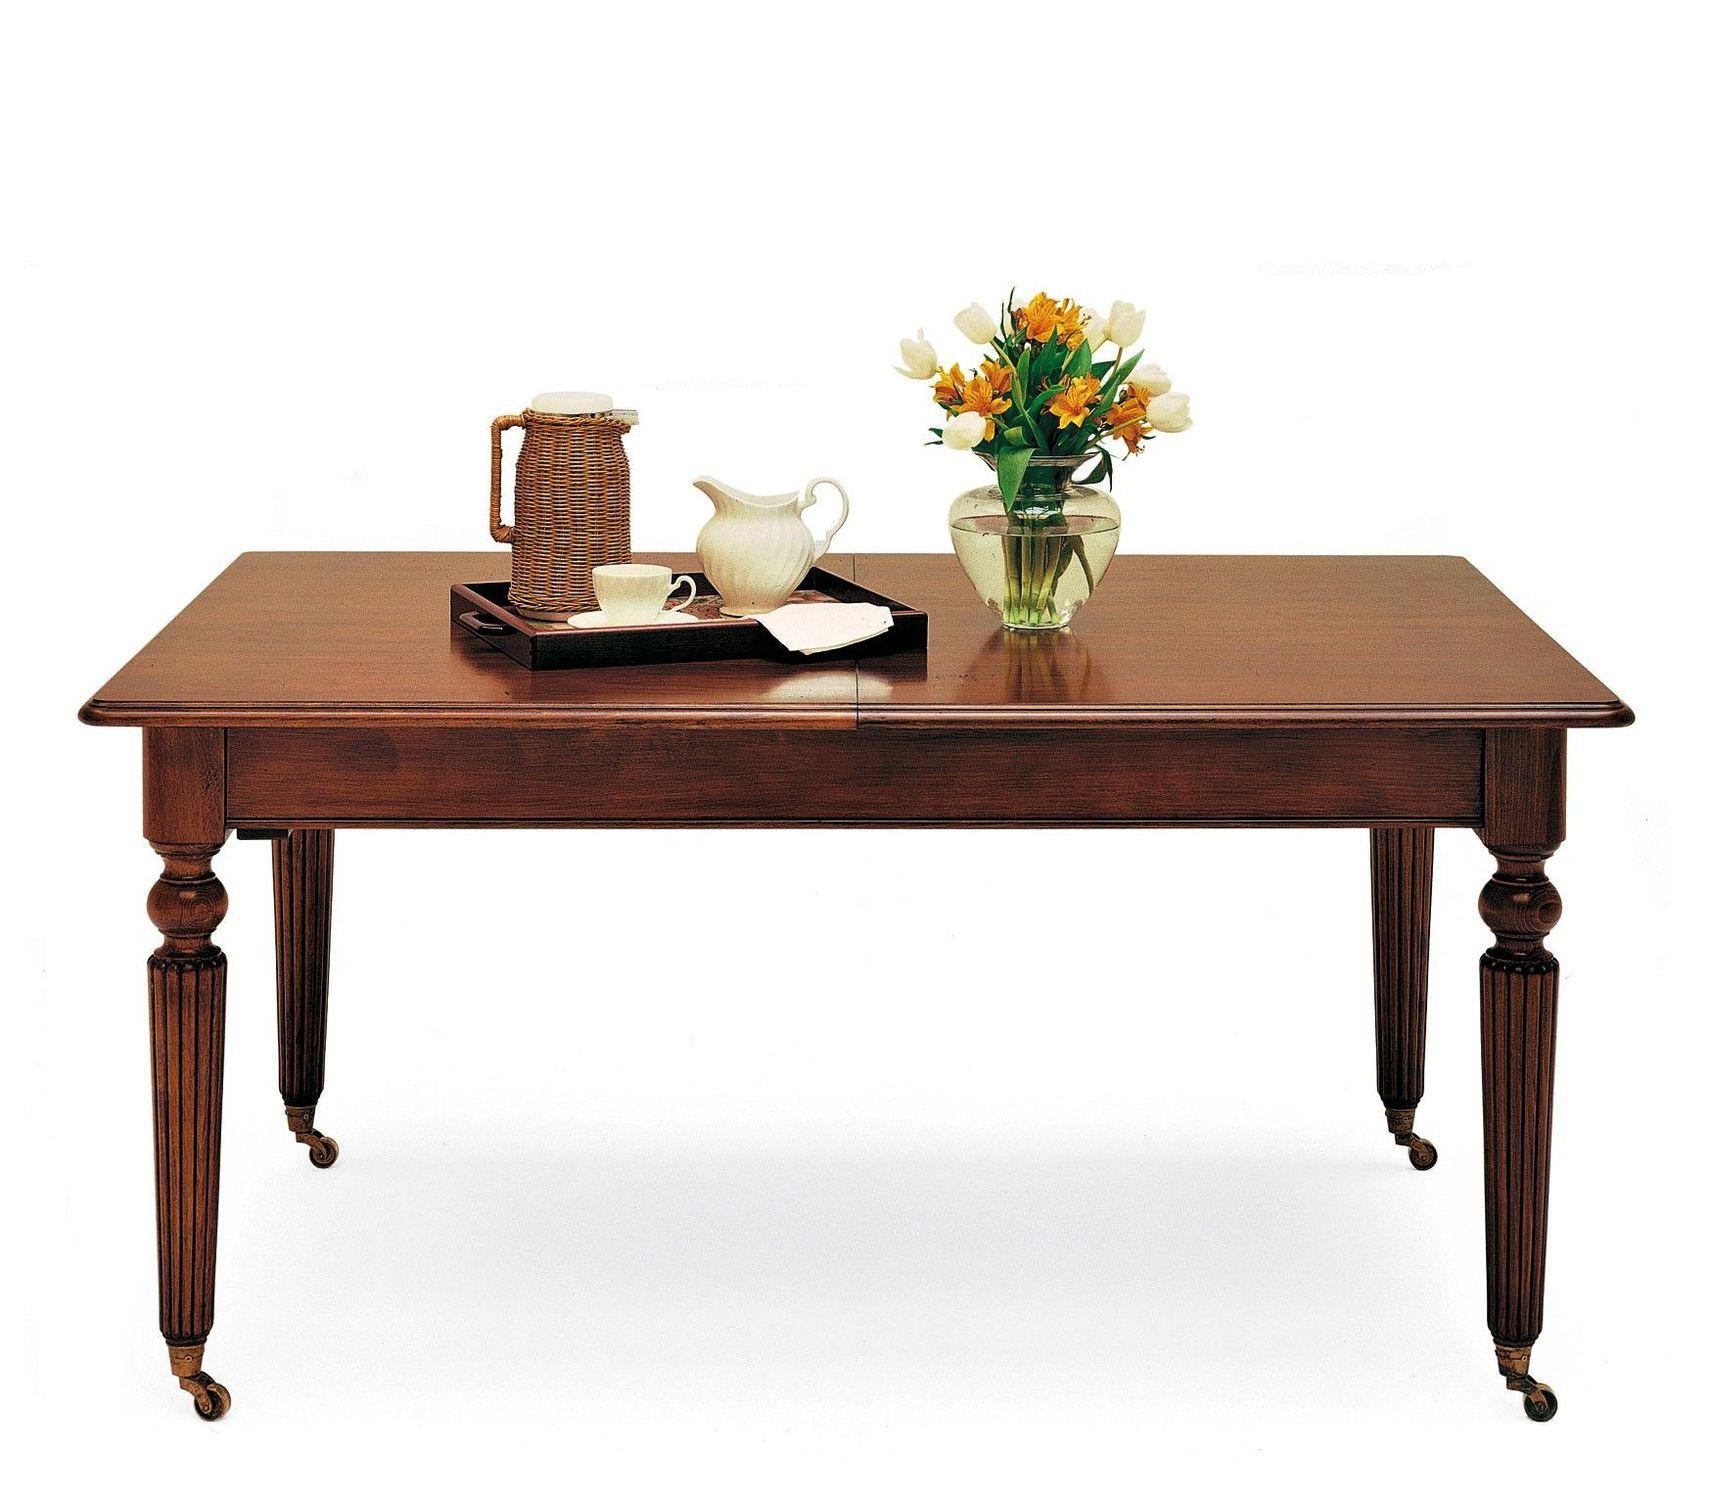 Tavolo da pranzo in stile vittoriano - T-372 - ArtesMoble ...